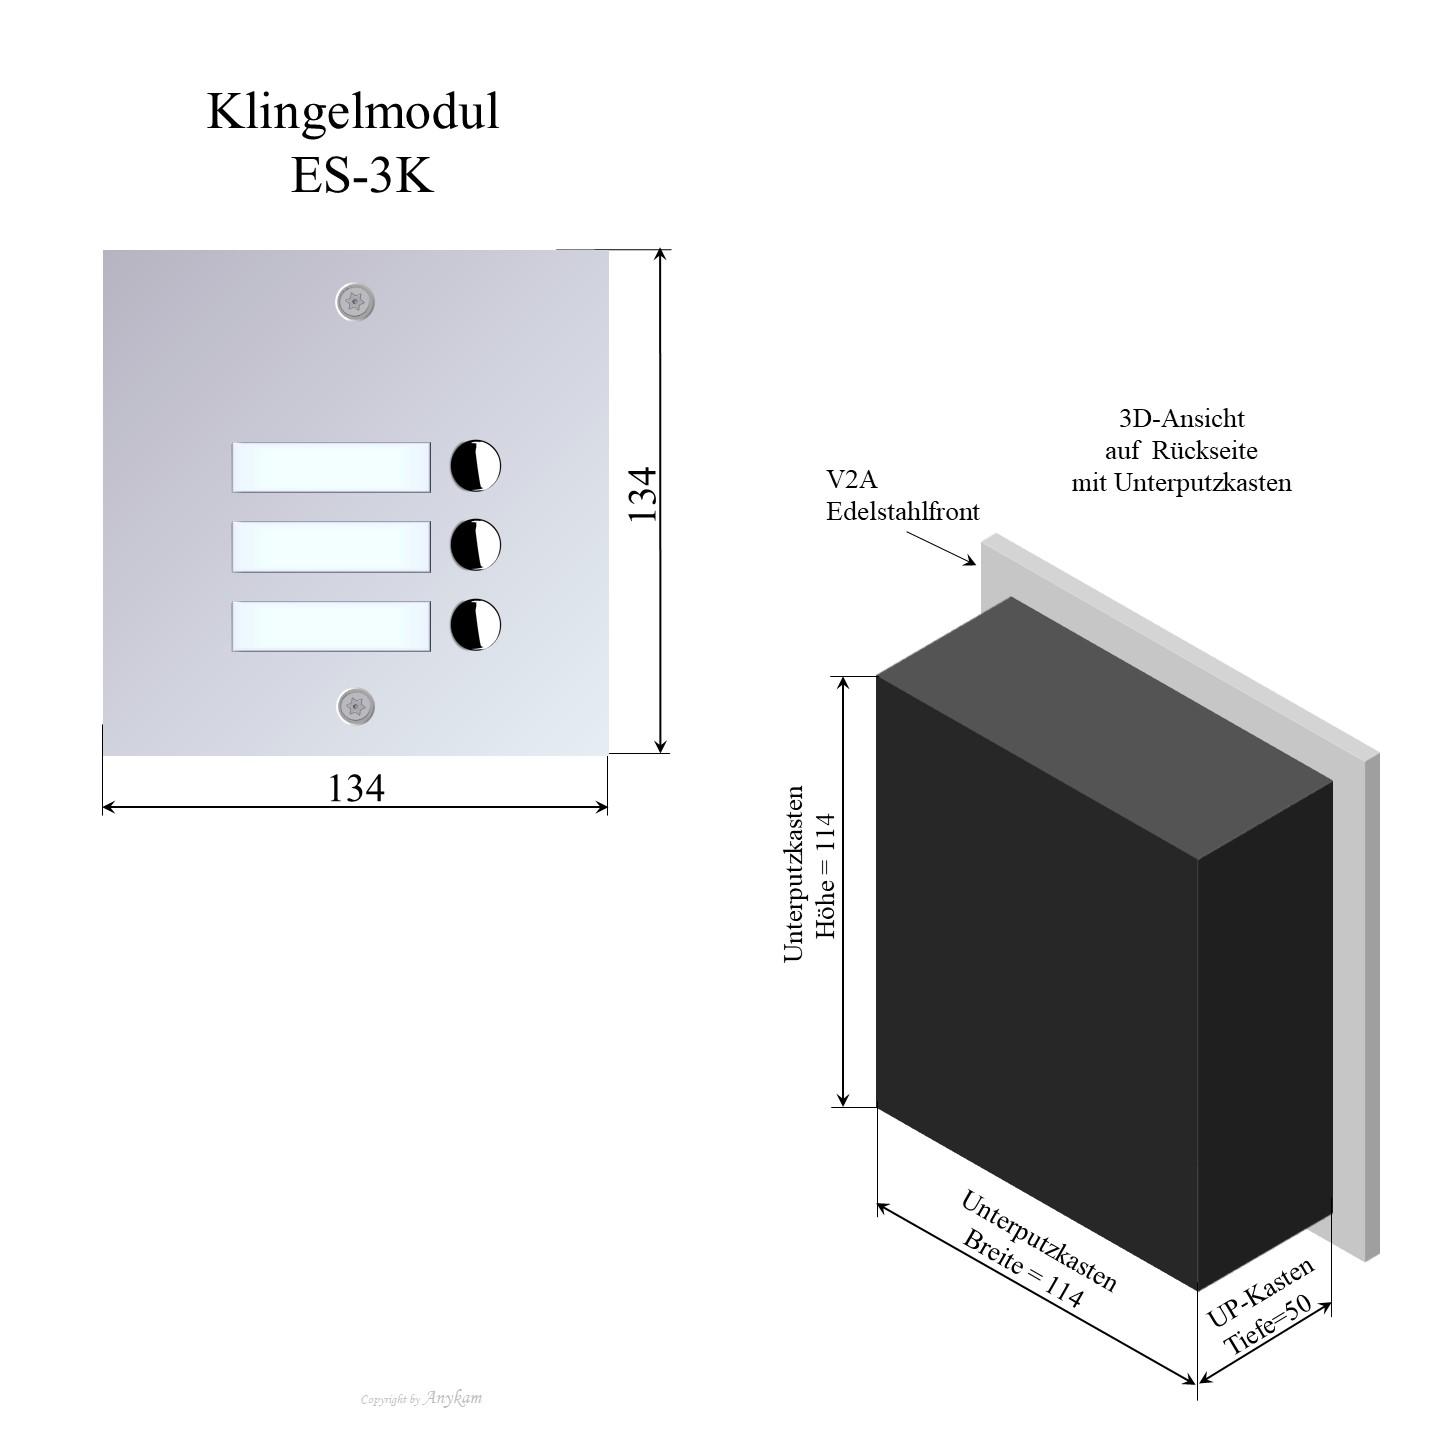 Design Türsprechanlage für Sonderzusammenstellungen für Briefkastenanlagen. Für Einfamilienhaus, Zweifamilienhaus, Mehrfamilienhaus Gegensprechanlage Klingelanlage Interfon mit 2-Draht Technik